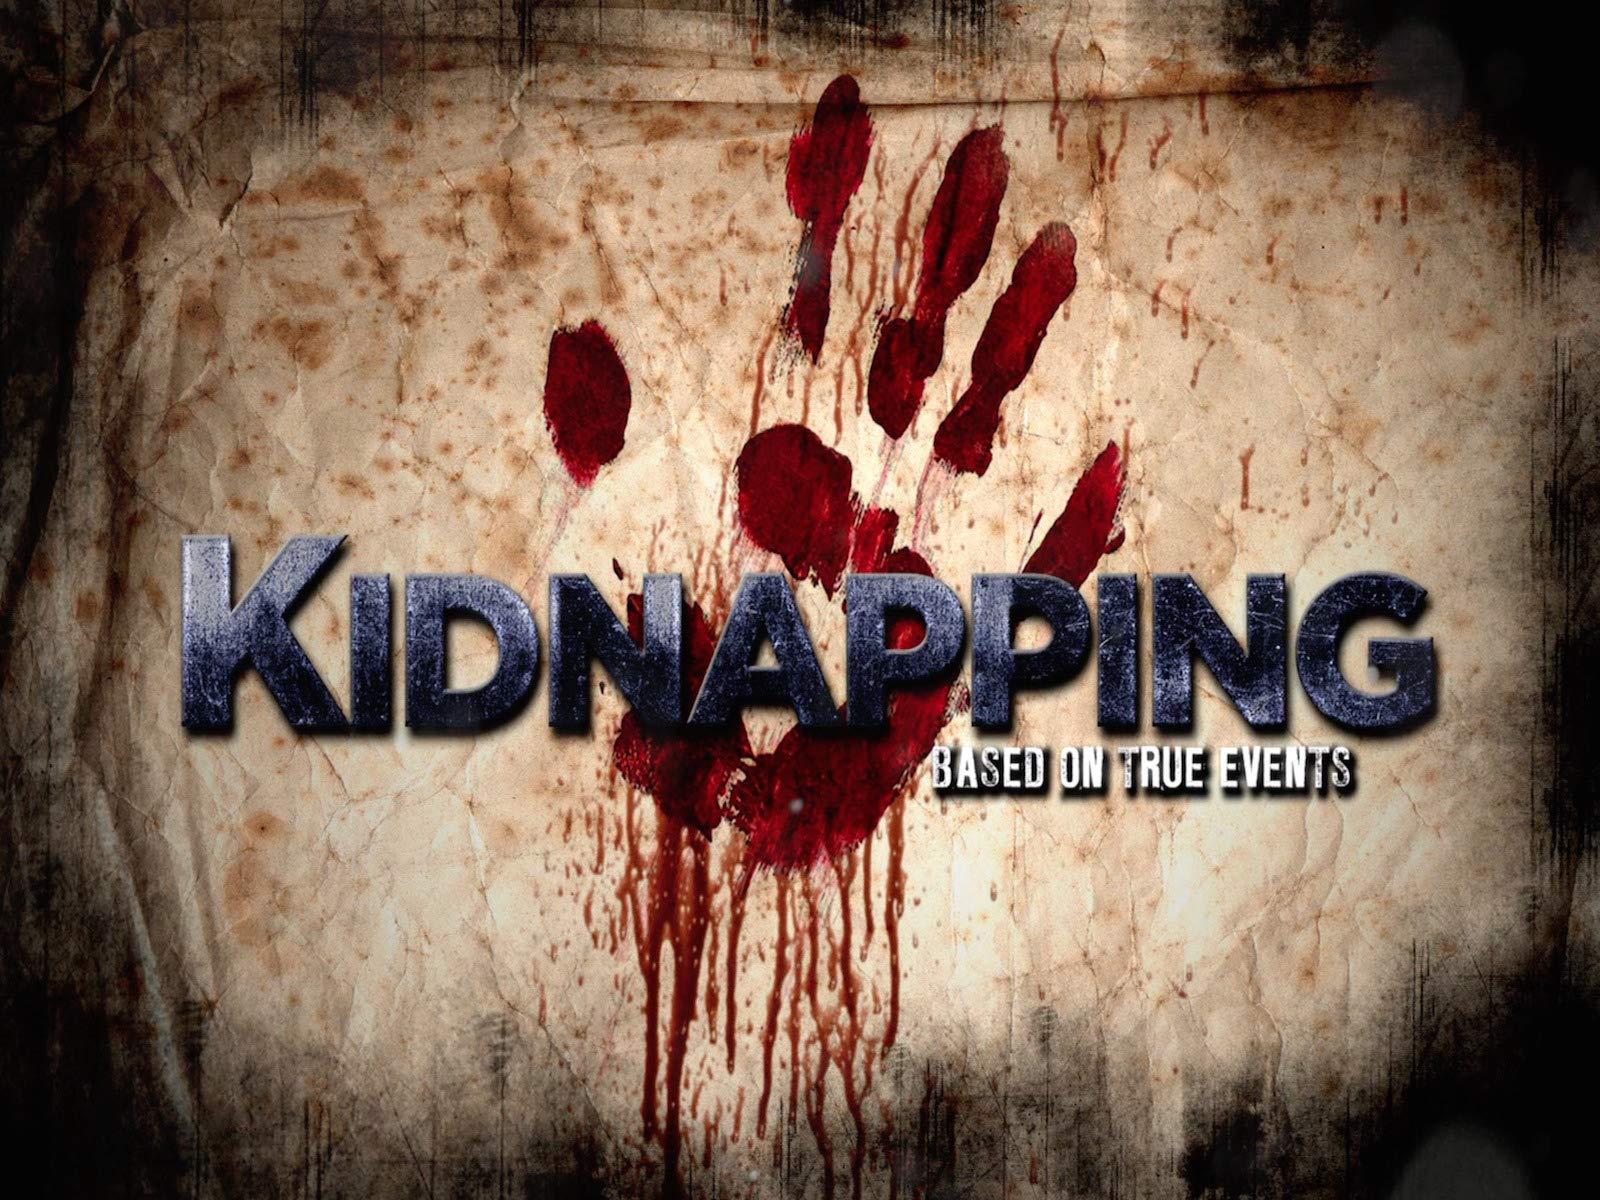 Kidnapping - Season 1